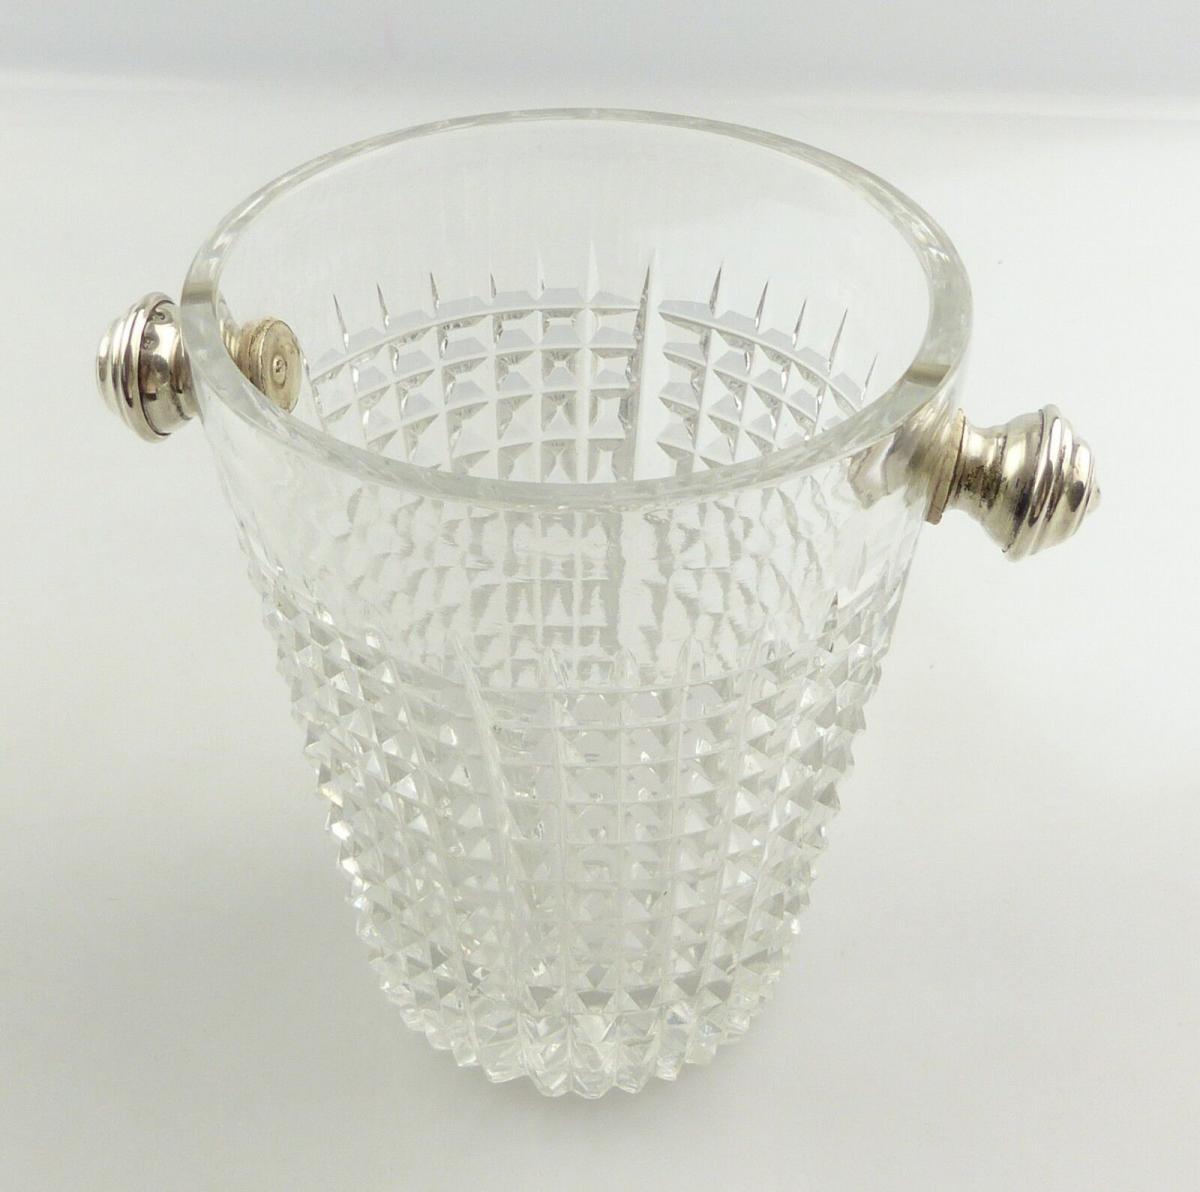 #e8350 Eisbehälter aus Glas mit Griffen aus Silber